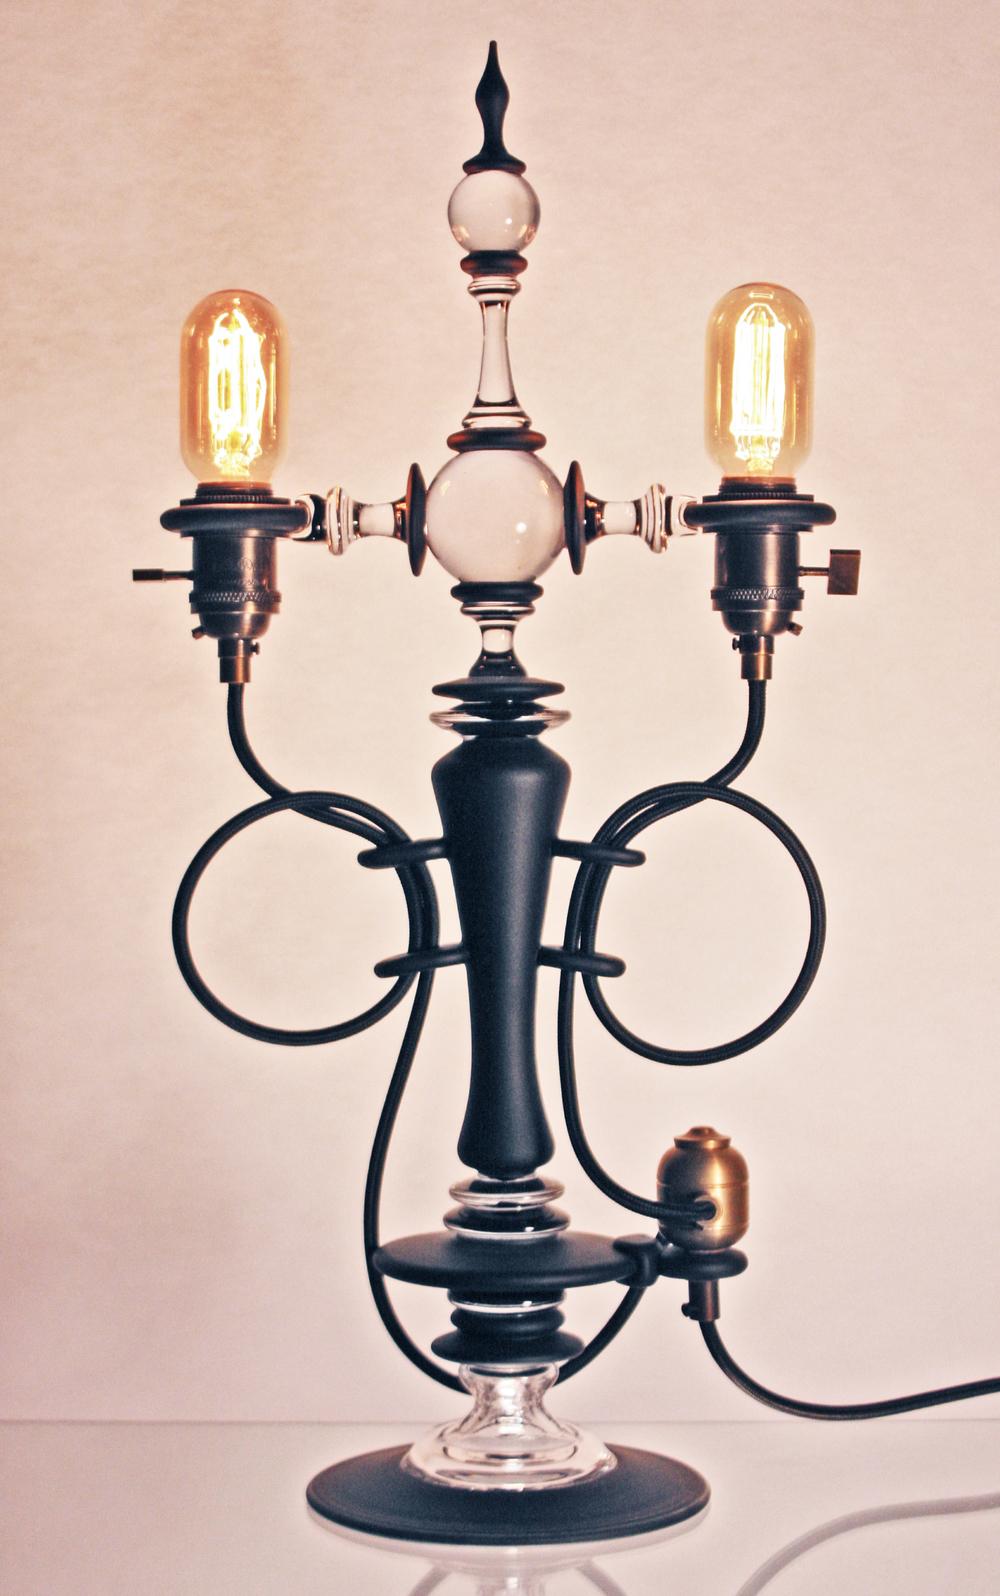 Tablelamp #1